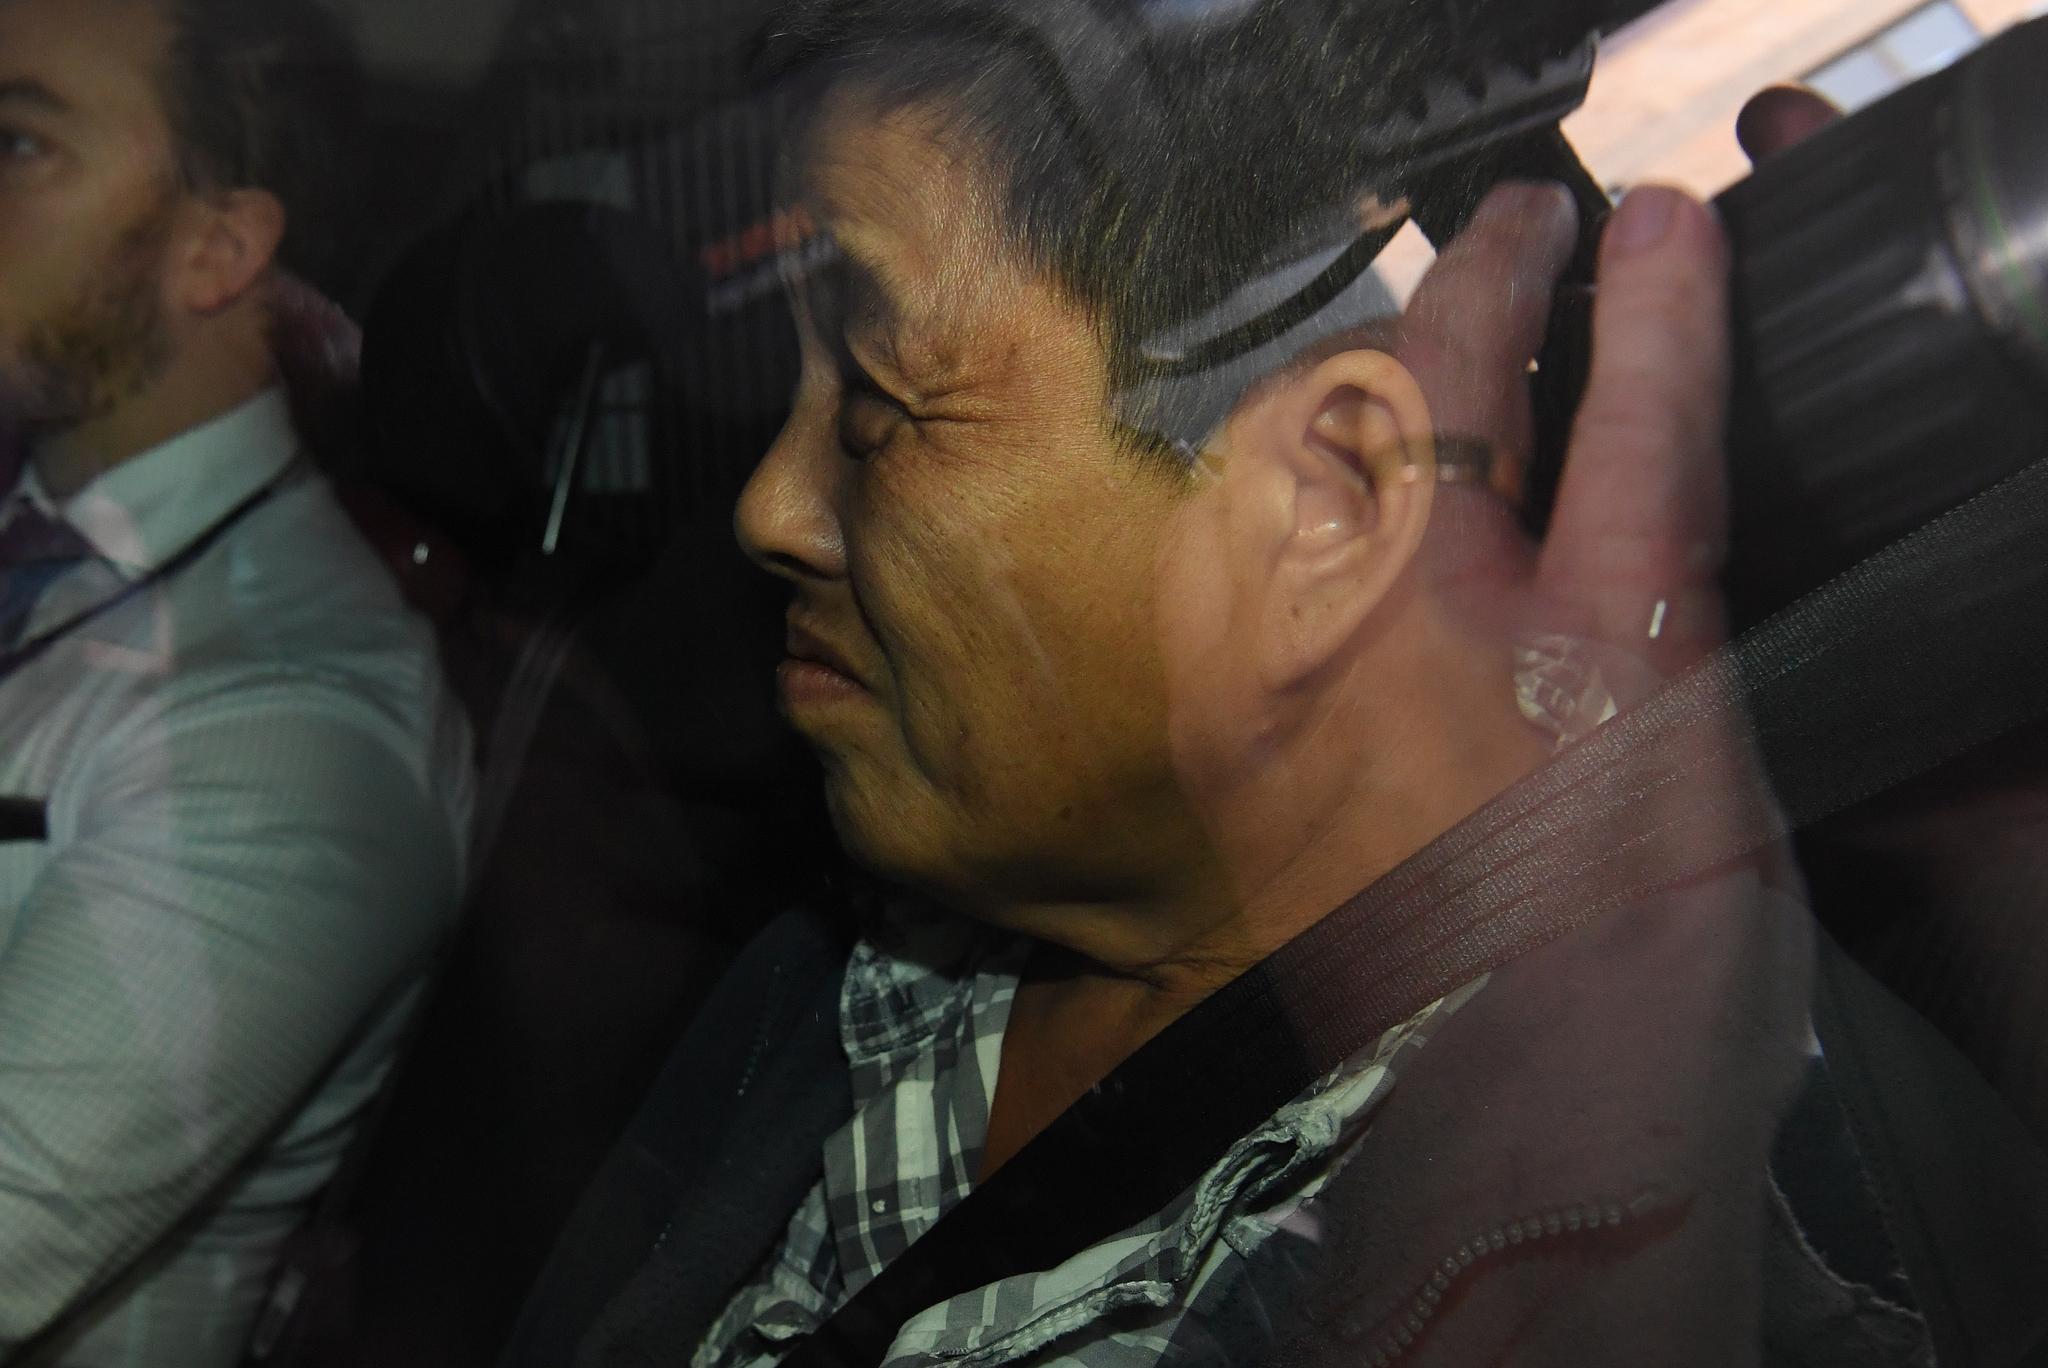 체포된 '바늘 딸기' 용의자. [EPA=연합뉴스]